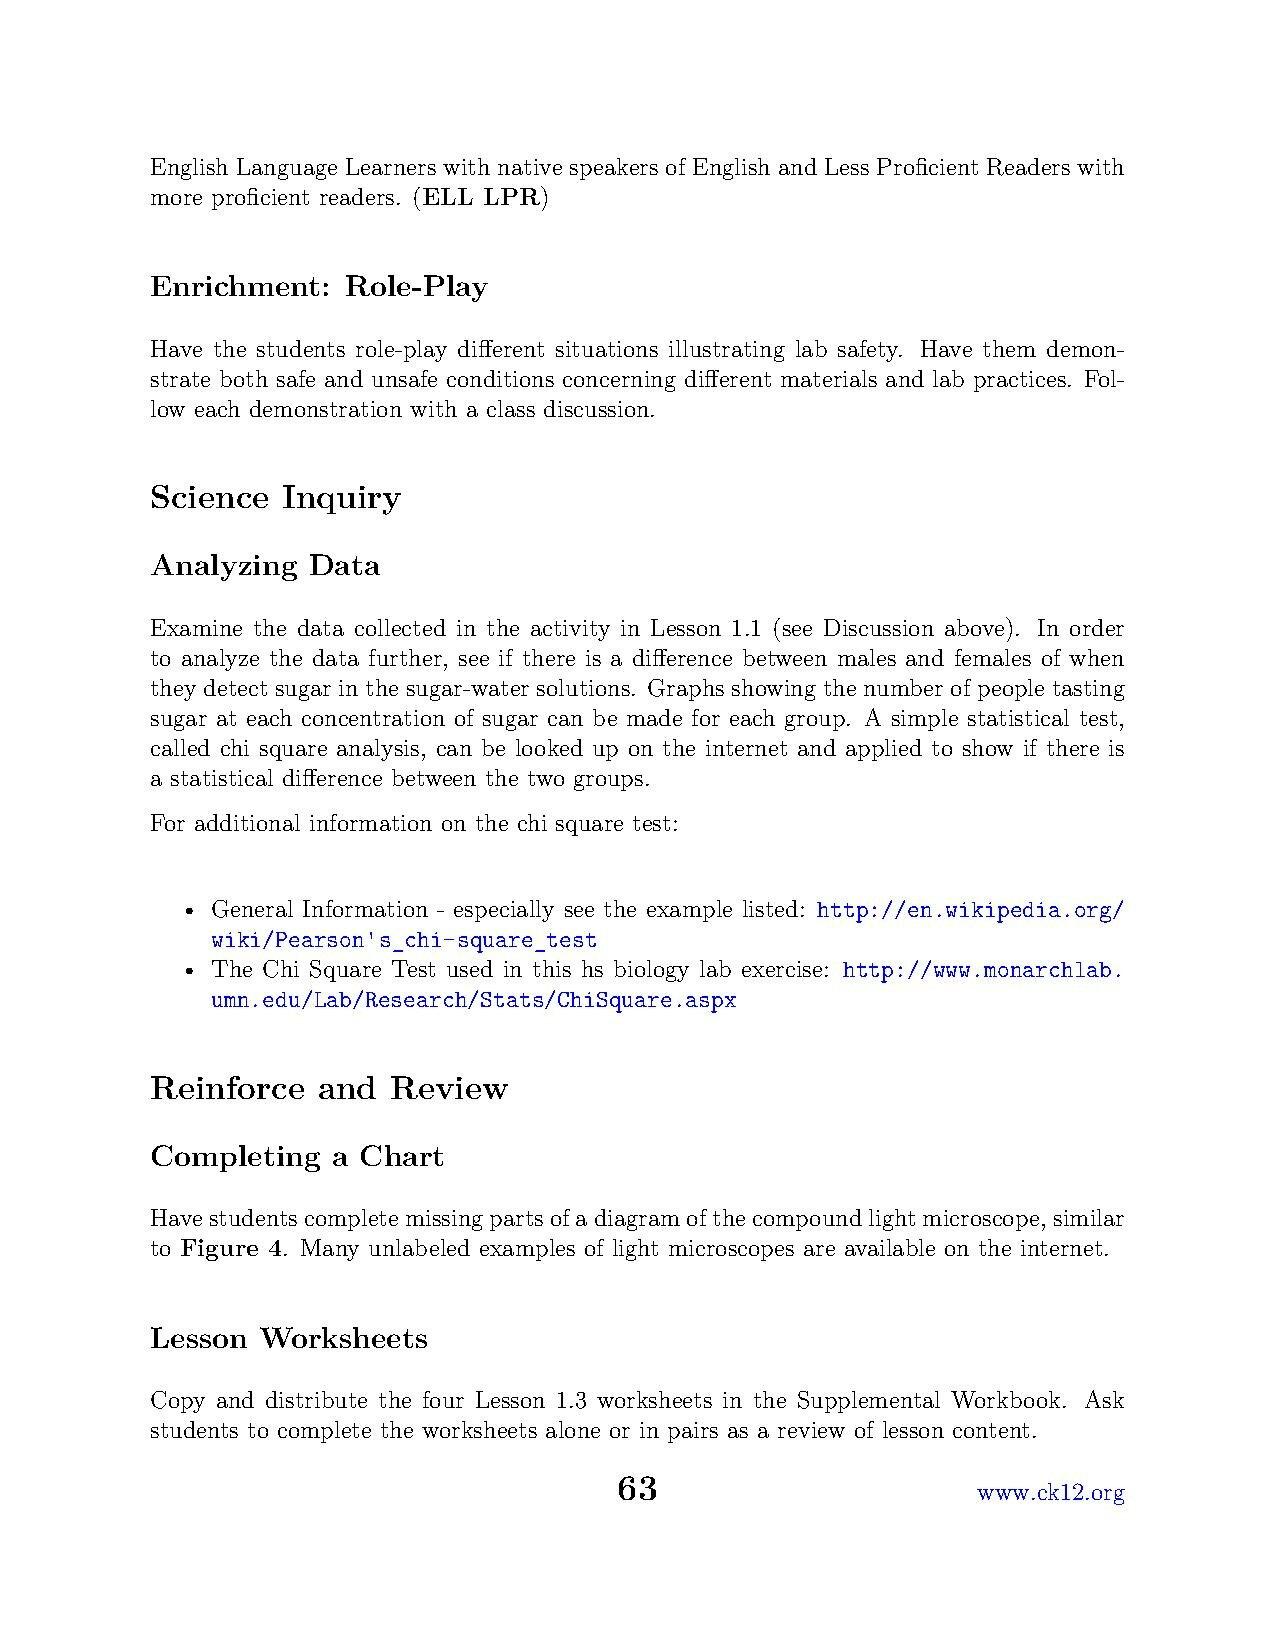 קובץ:High School Biology Teacher's Guide pdf – ויקיפדיה